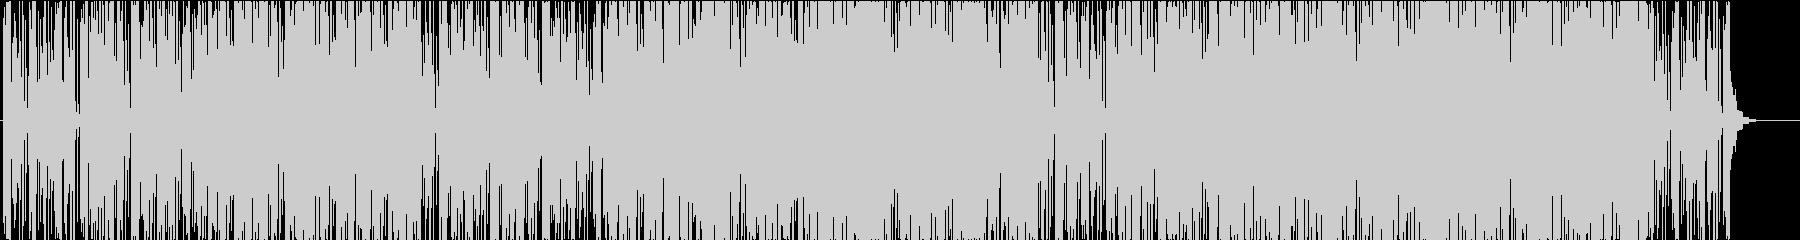 ストリングスがメインのディスコハウスの未再生の波形